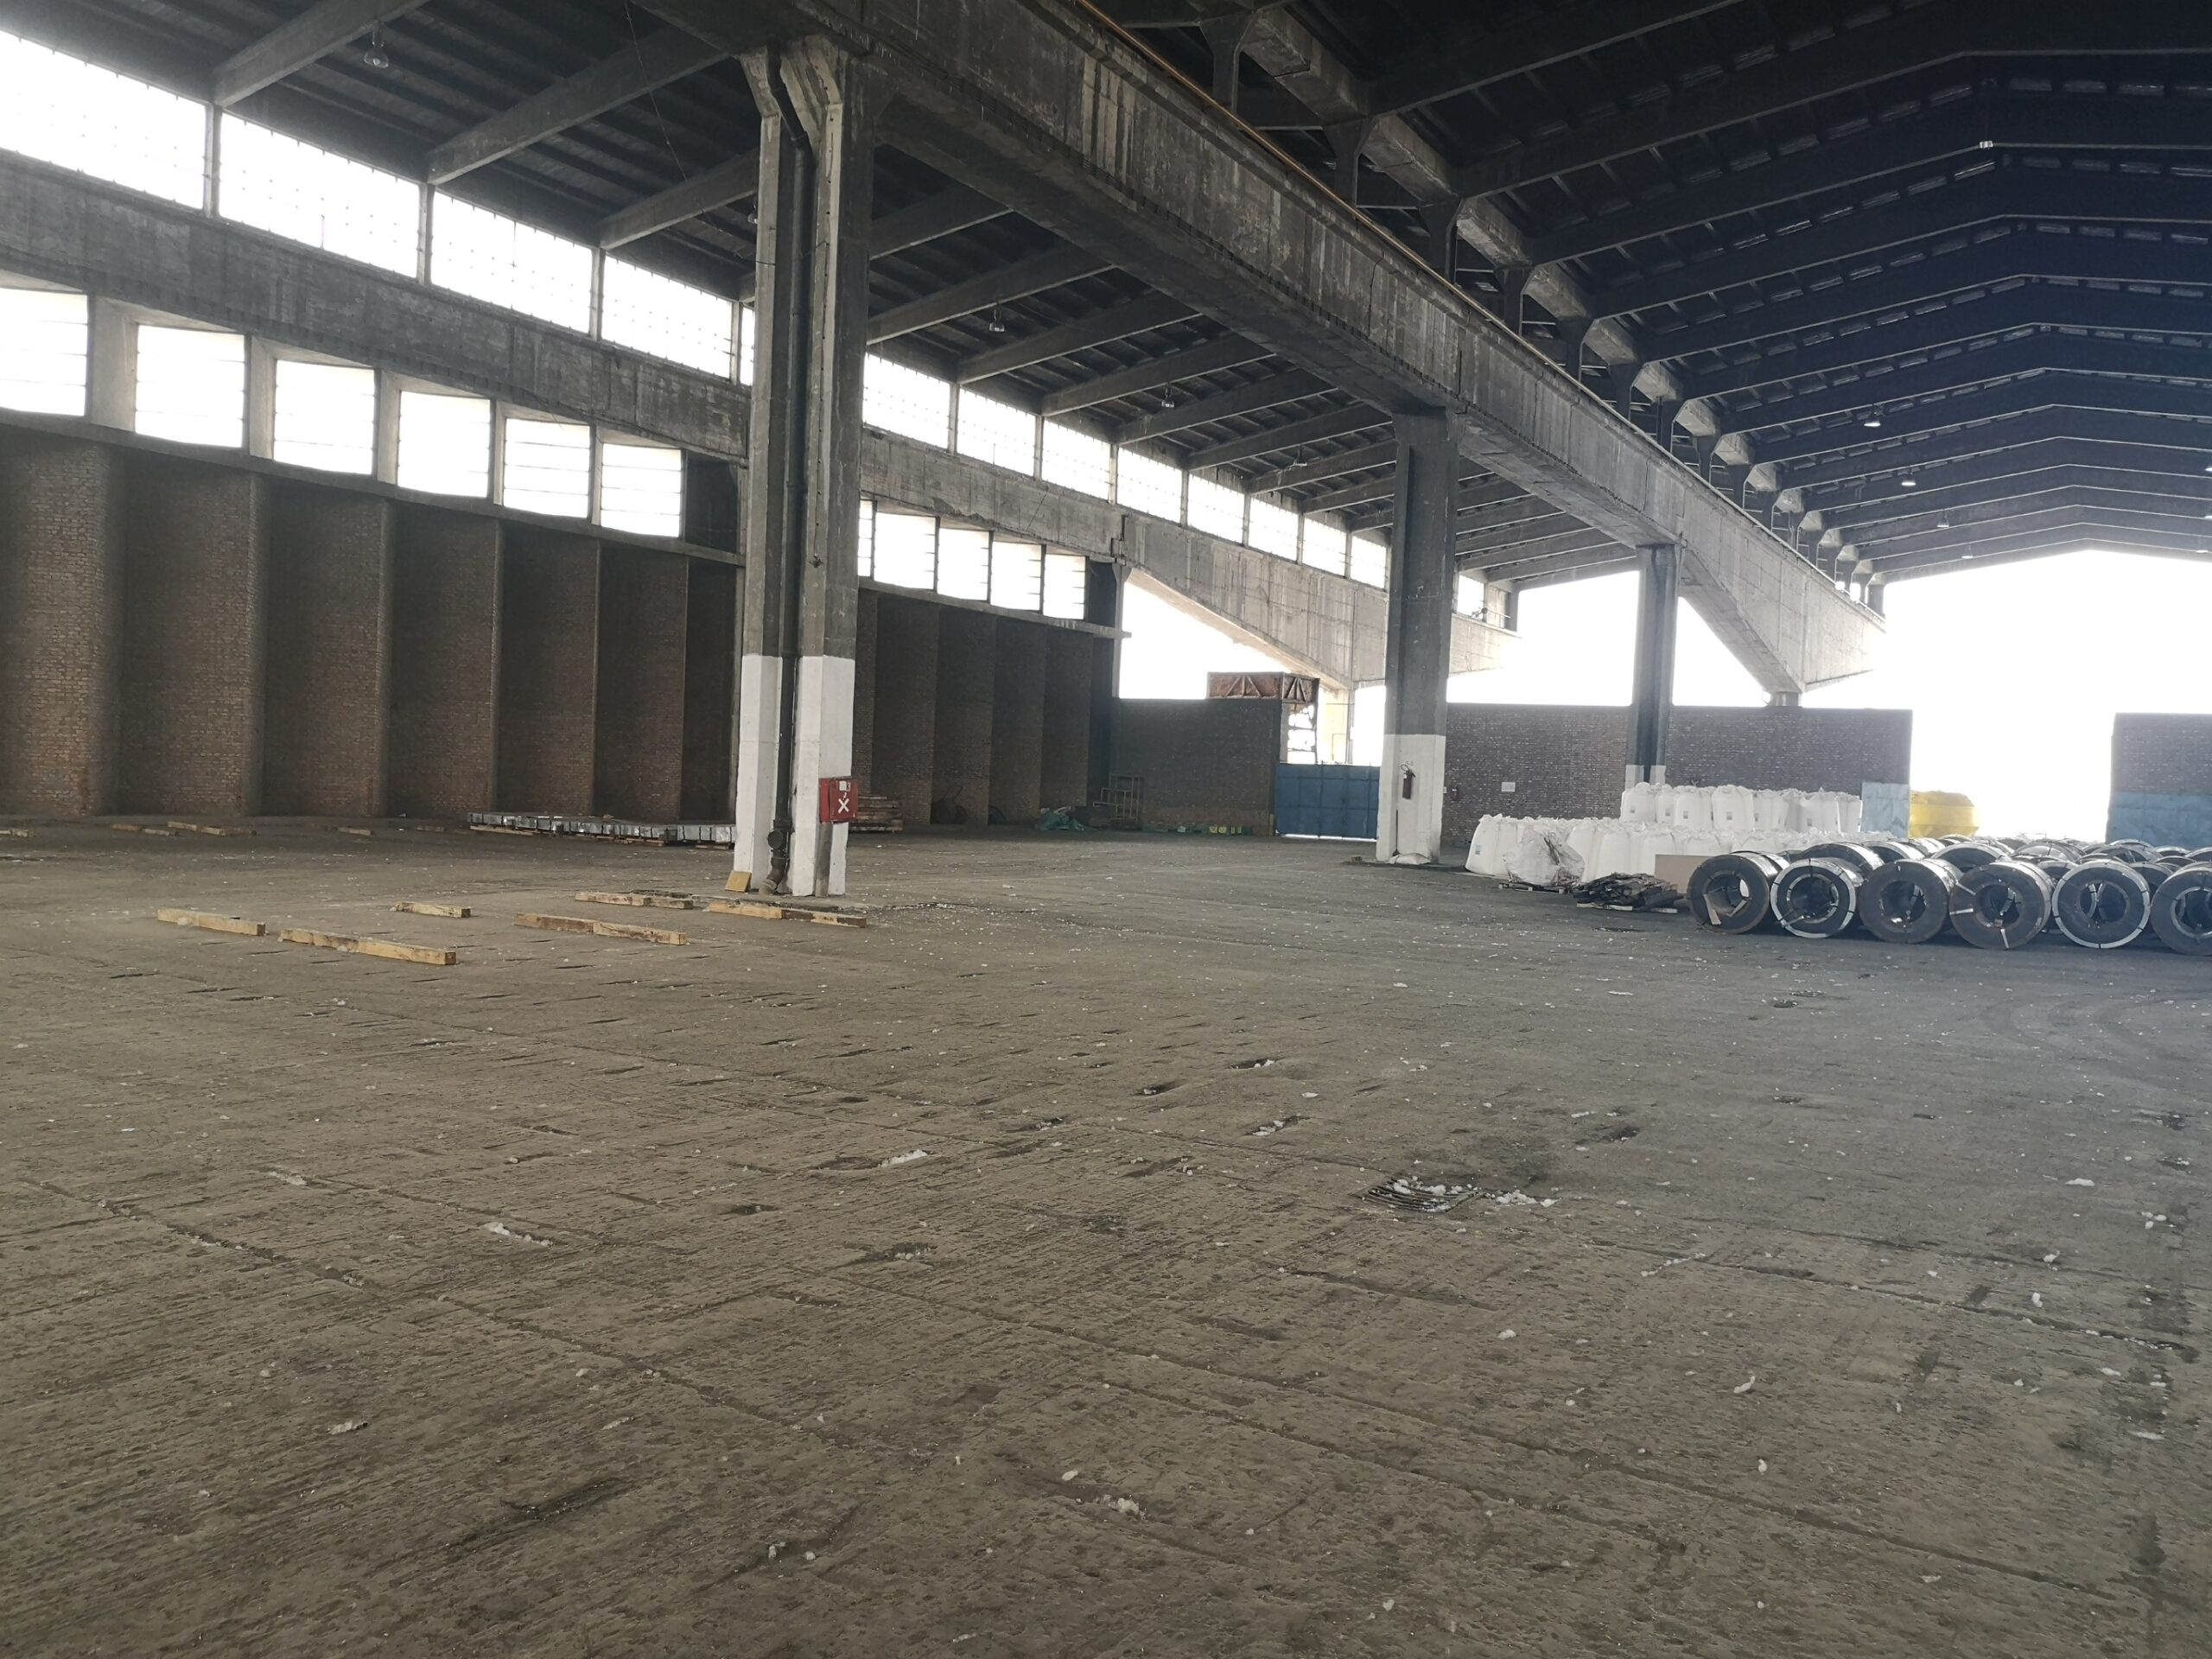 skladišni prostor teskih tereta